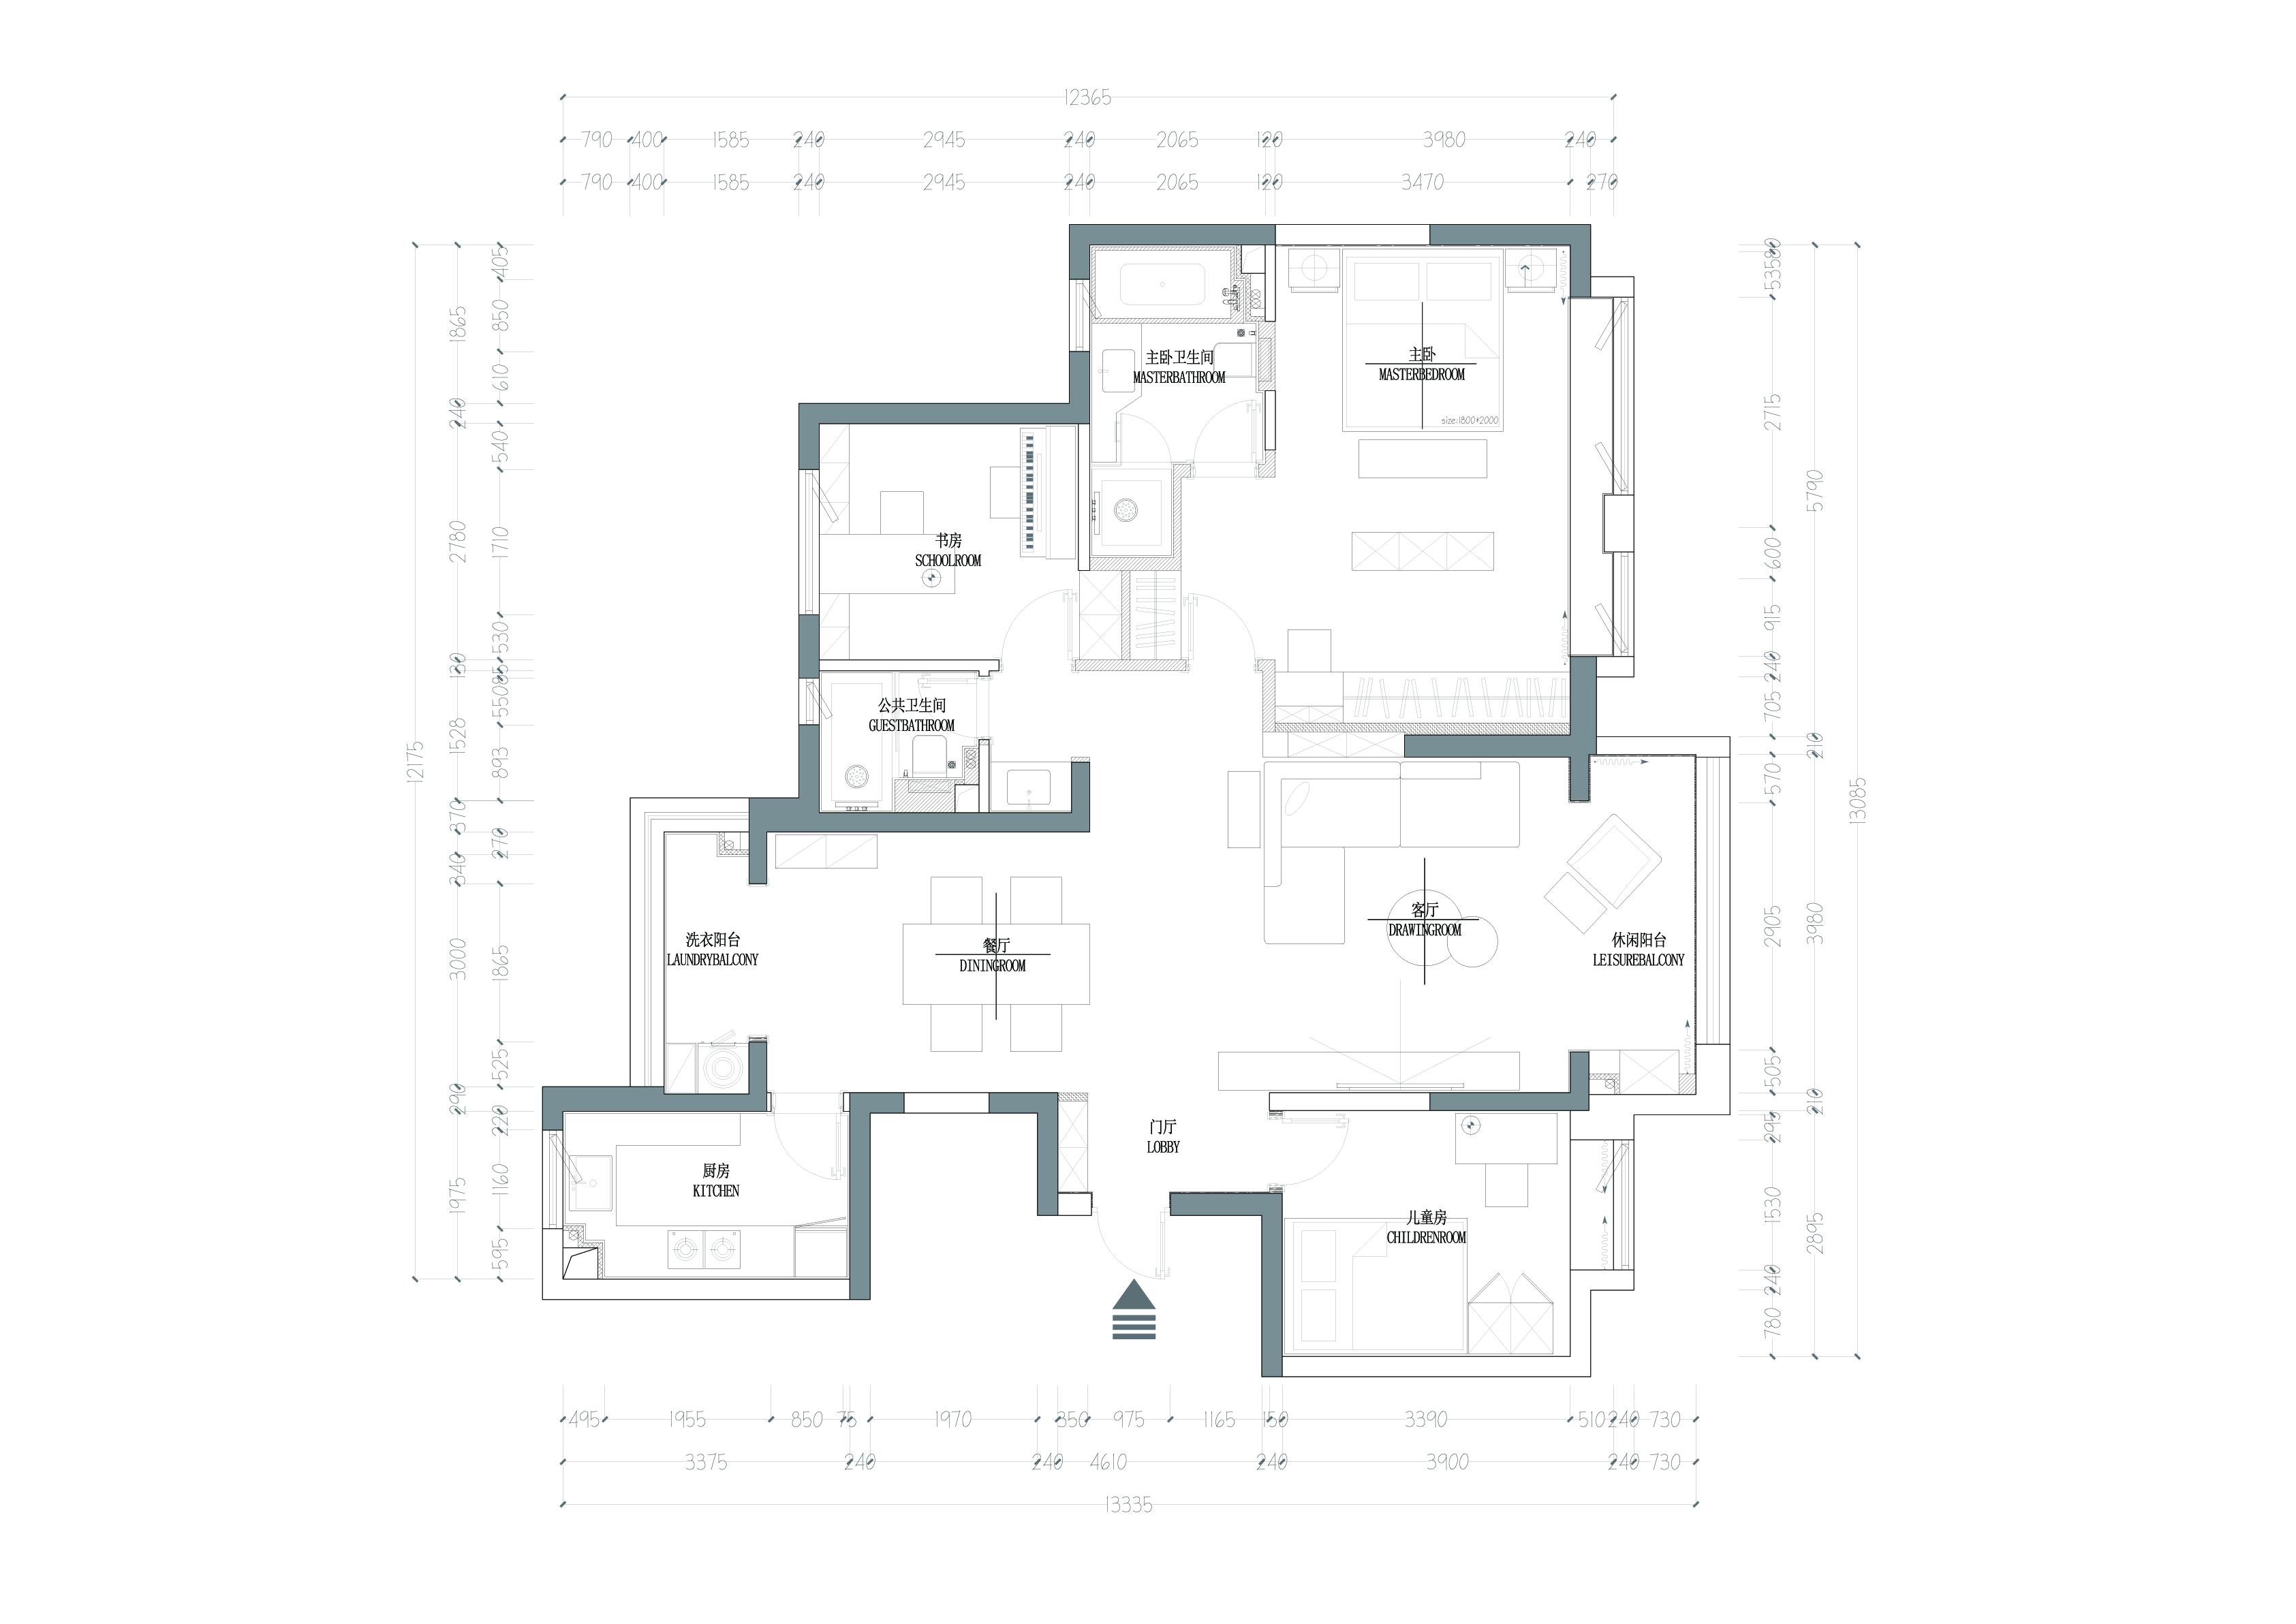 万达天樾 现代风格装修实景图 145㎡ 三室一厅 设计师苏宏博装修设计理念